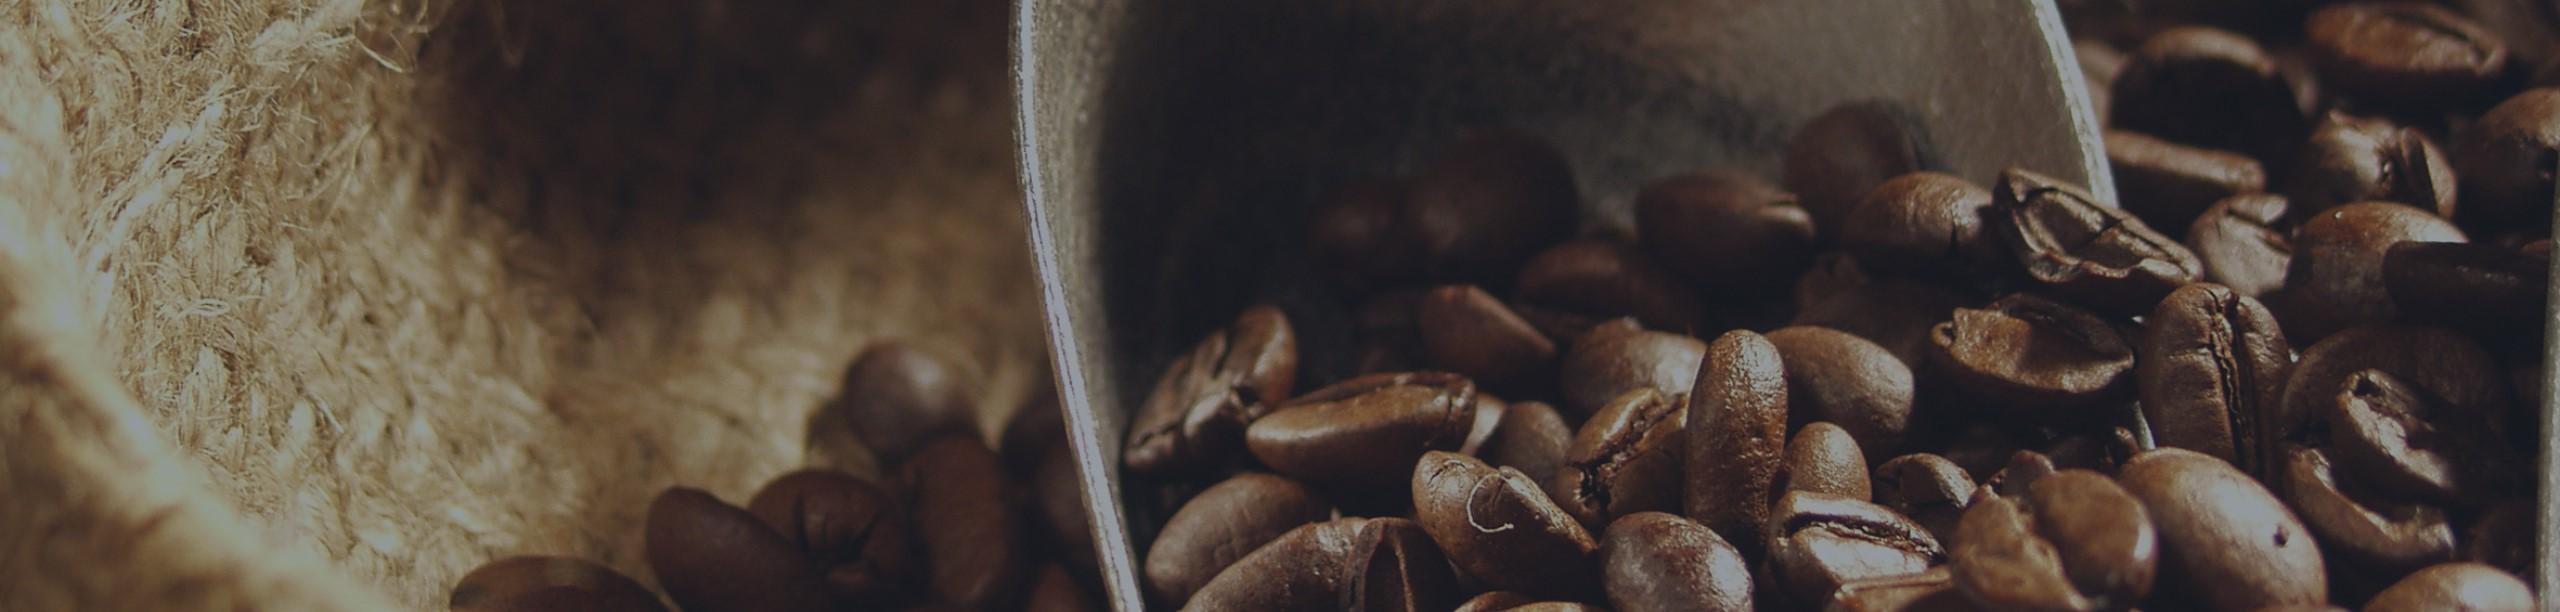 Coffee1-6